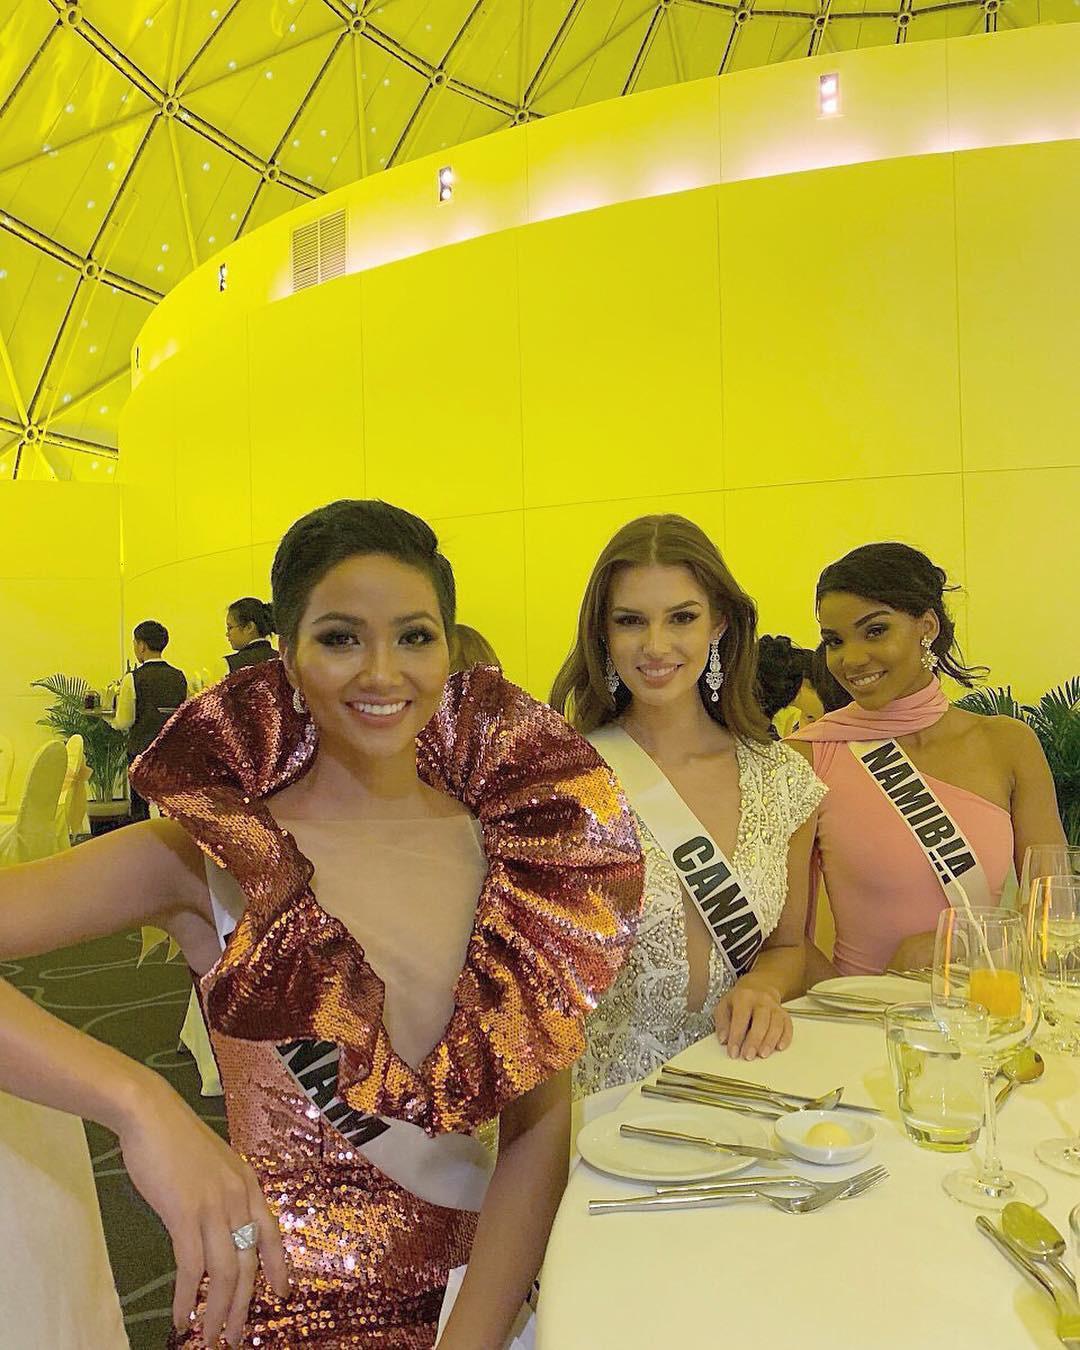 Áp dụng chiêu cũ tại Miss Universe, HHen Niê trội bật hơn hẳn Tiểu Vy trong một khung hình - Ảnh 4.